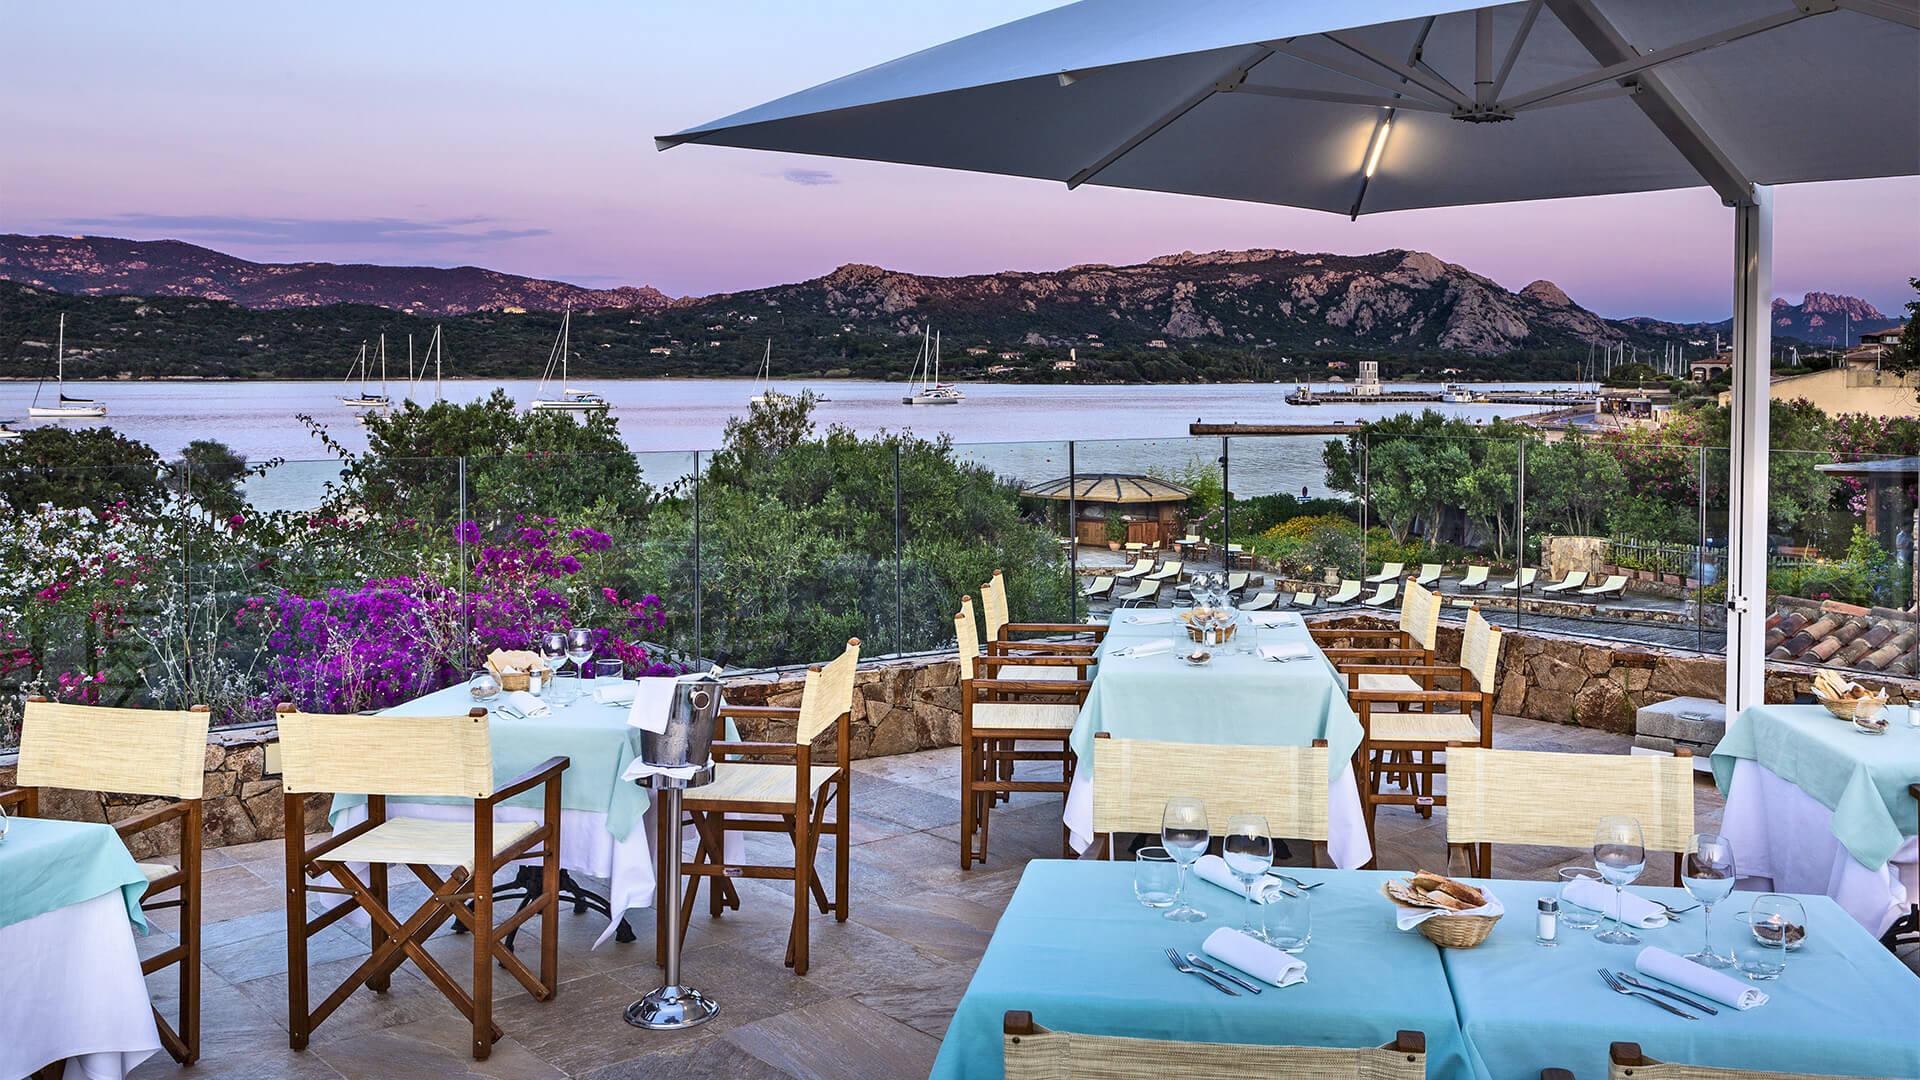 hotel-falco-ristoranti-mare-sardegna-cannigione